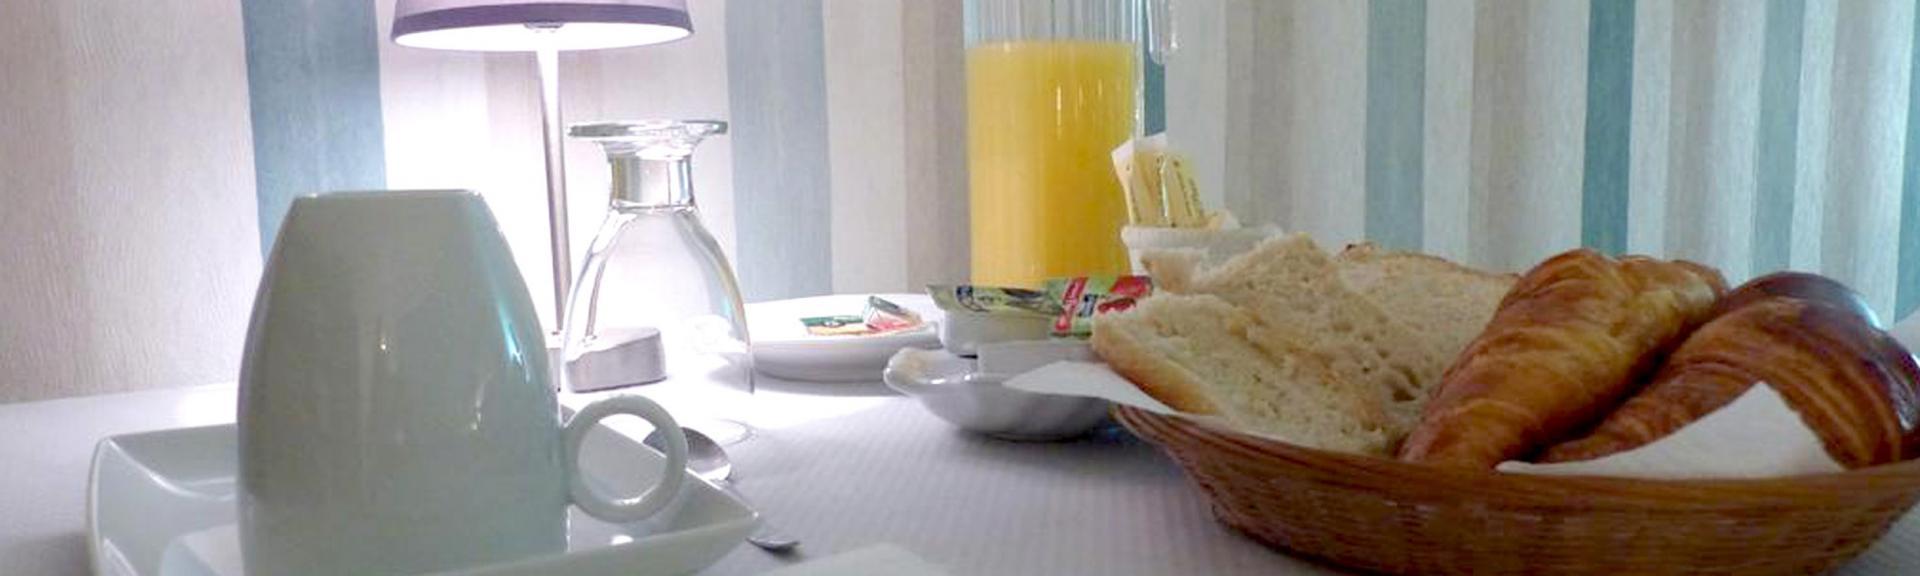 Profitez du petit-déjeuner